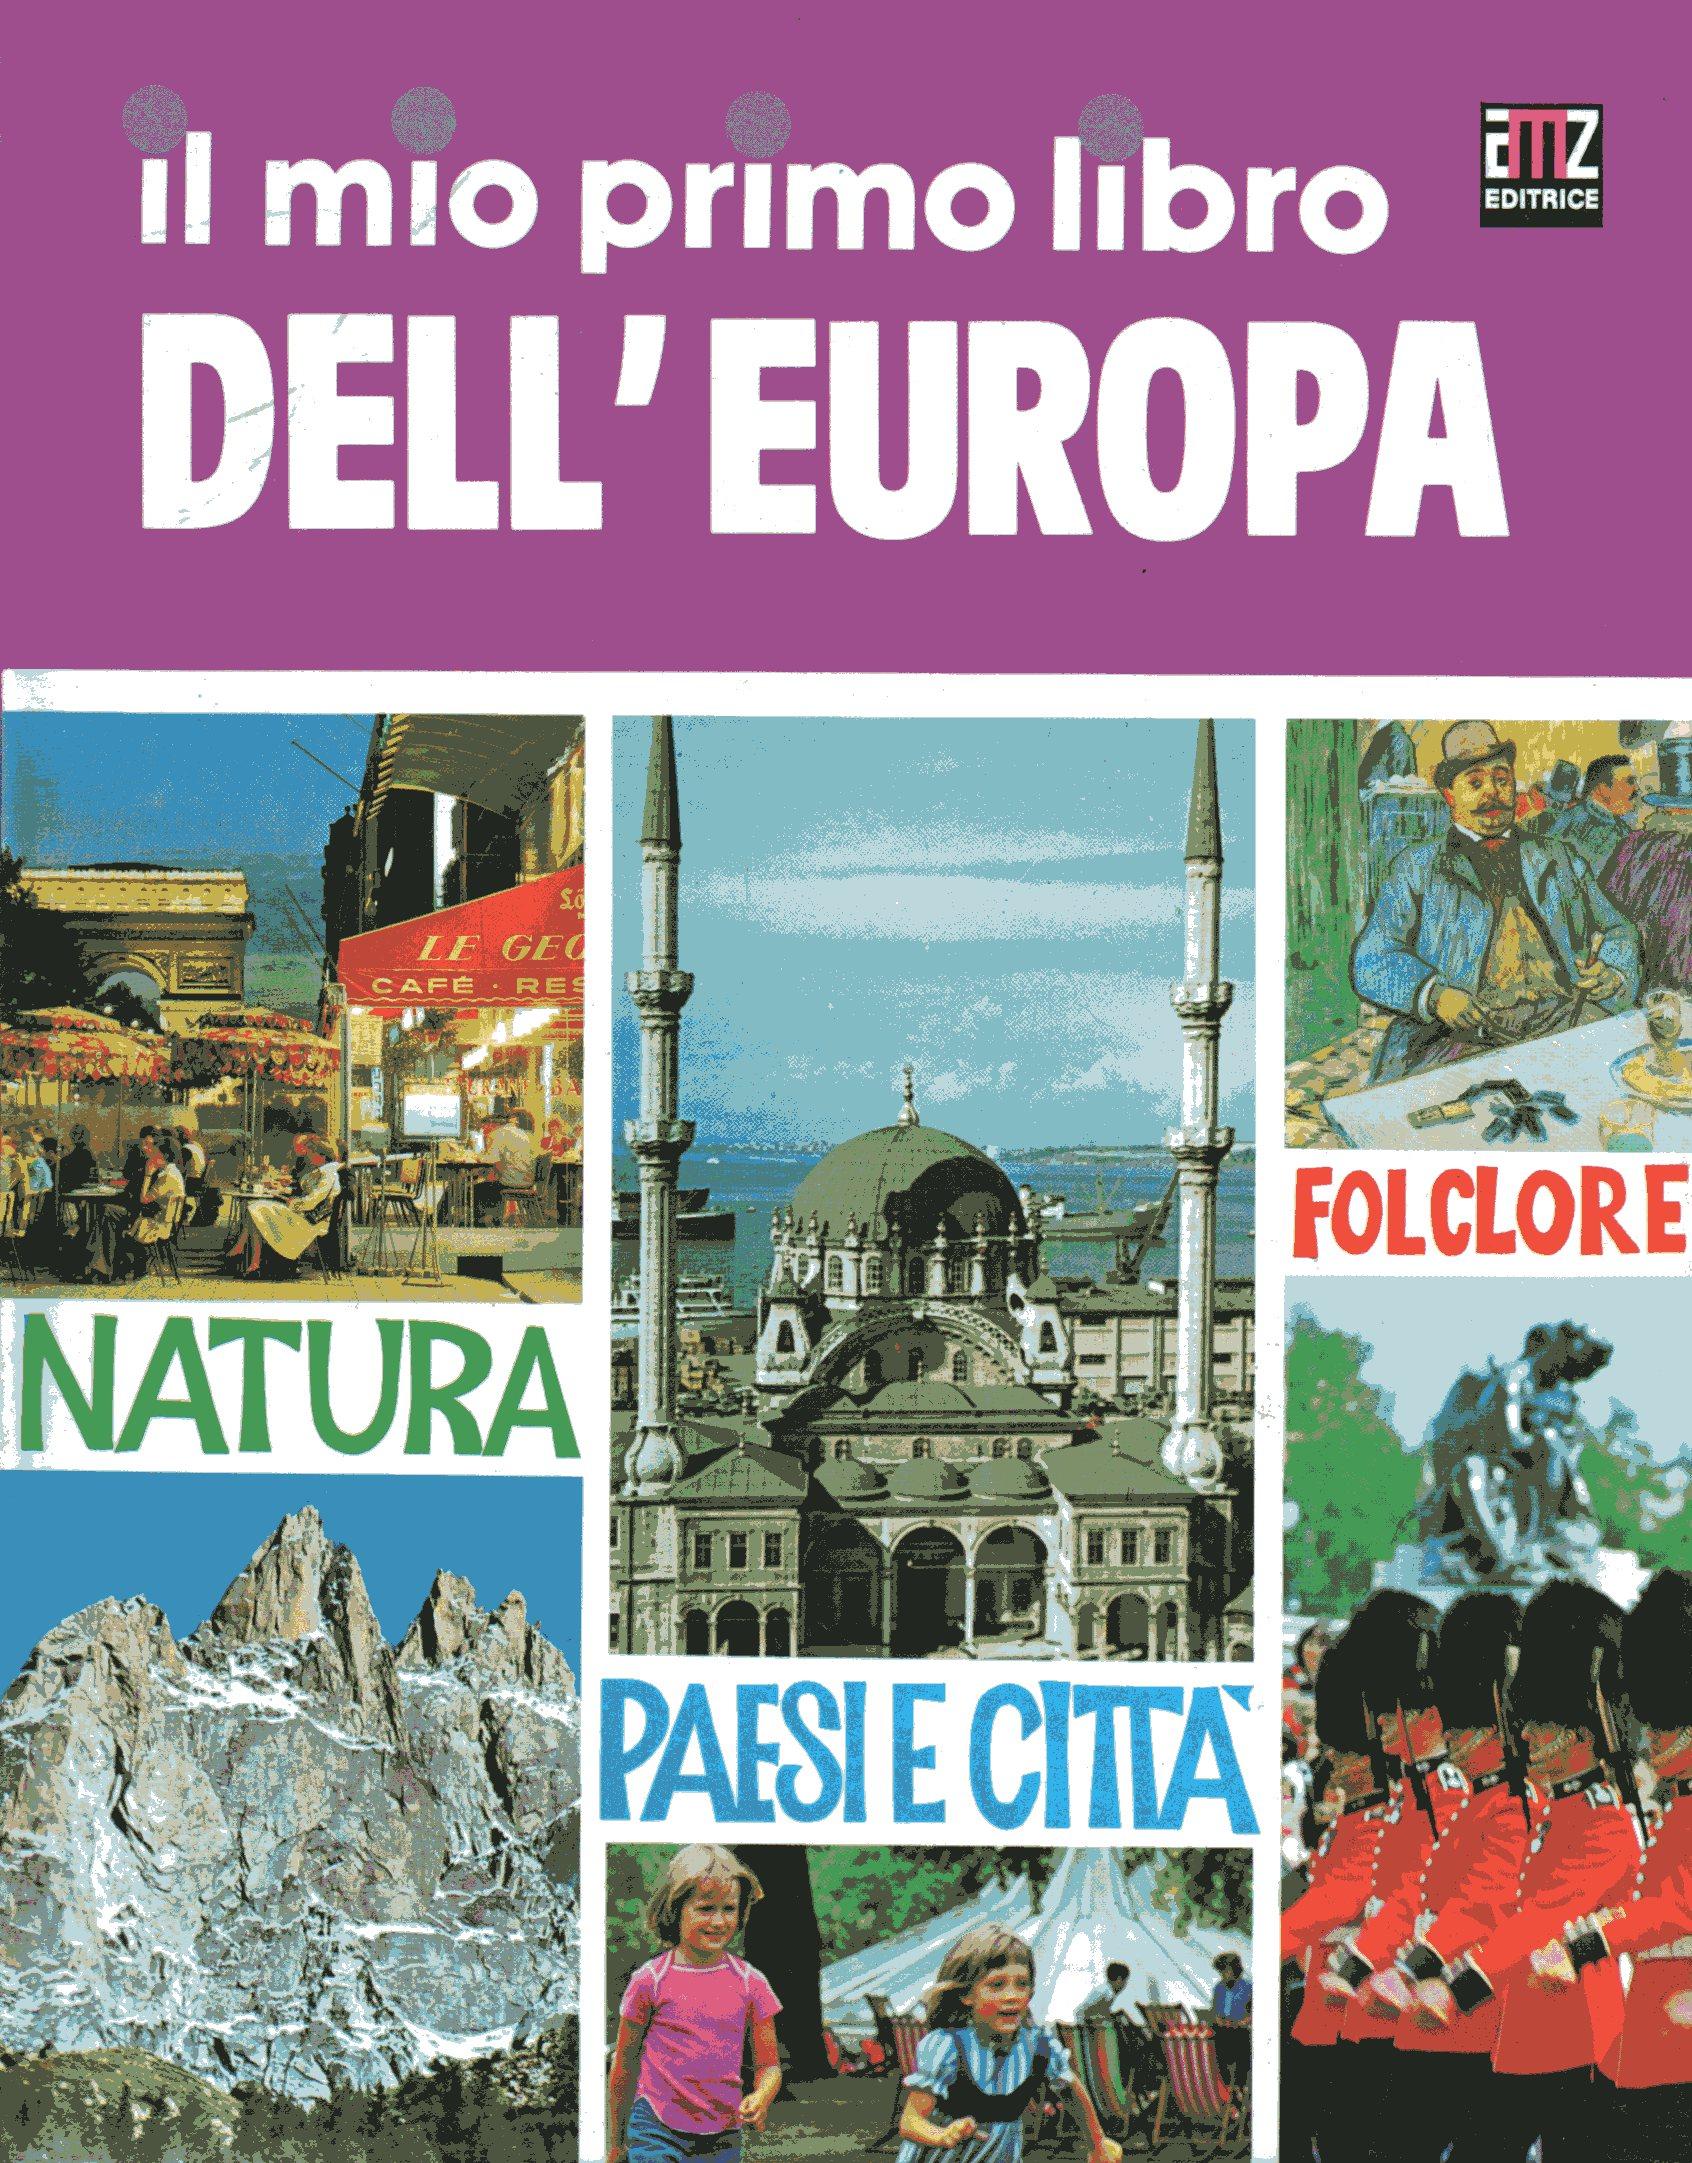 Il mio primo libro dell'Europa